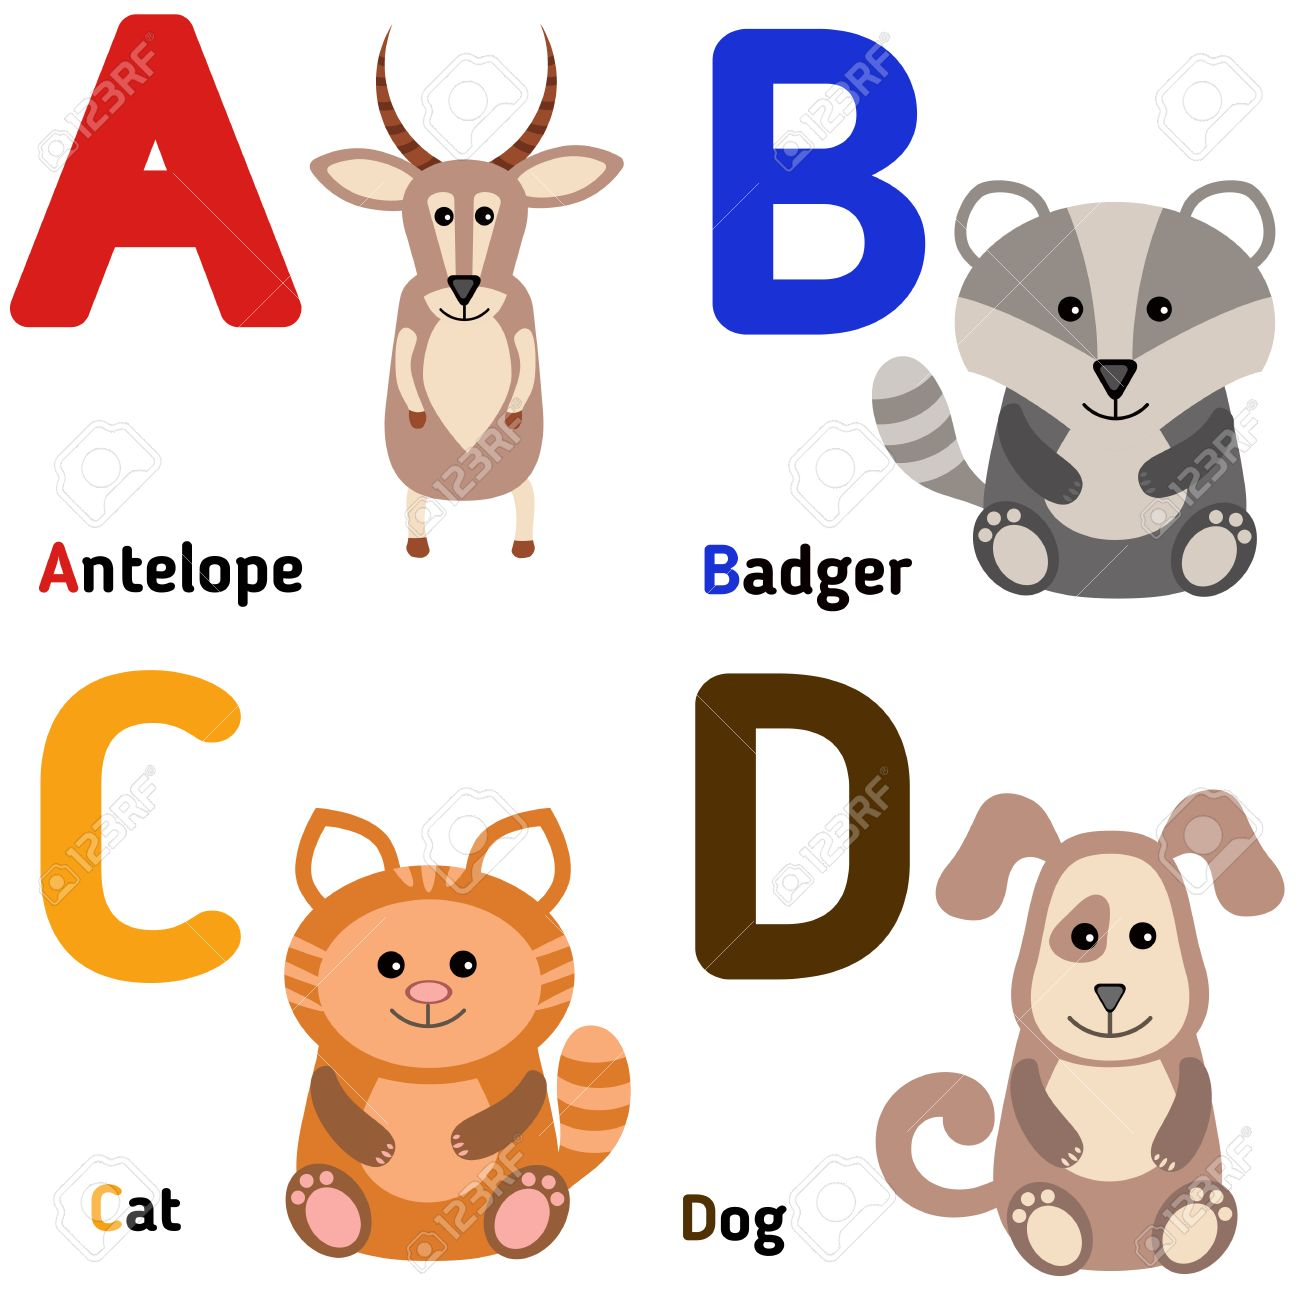 カモシカアンテロープ 動物 イラスト アルファベット 素材 猫 Www